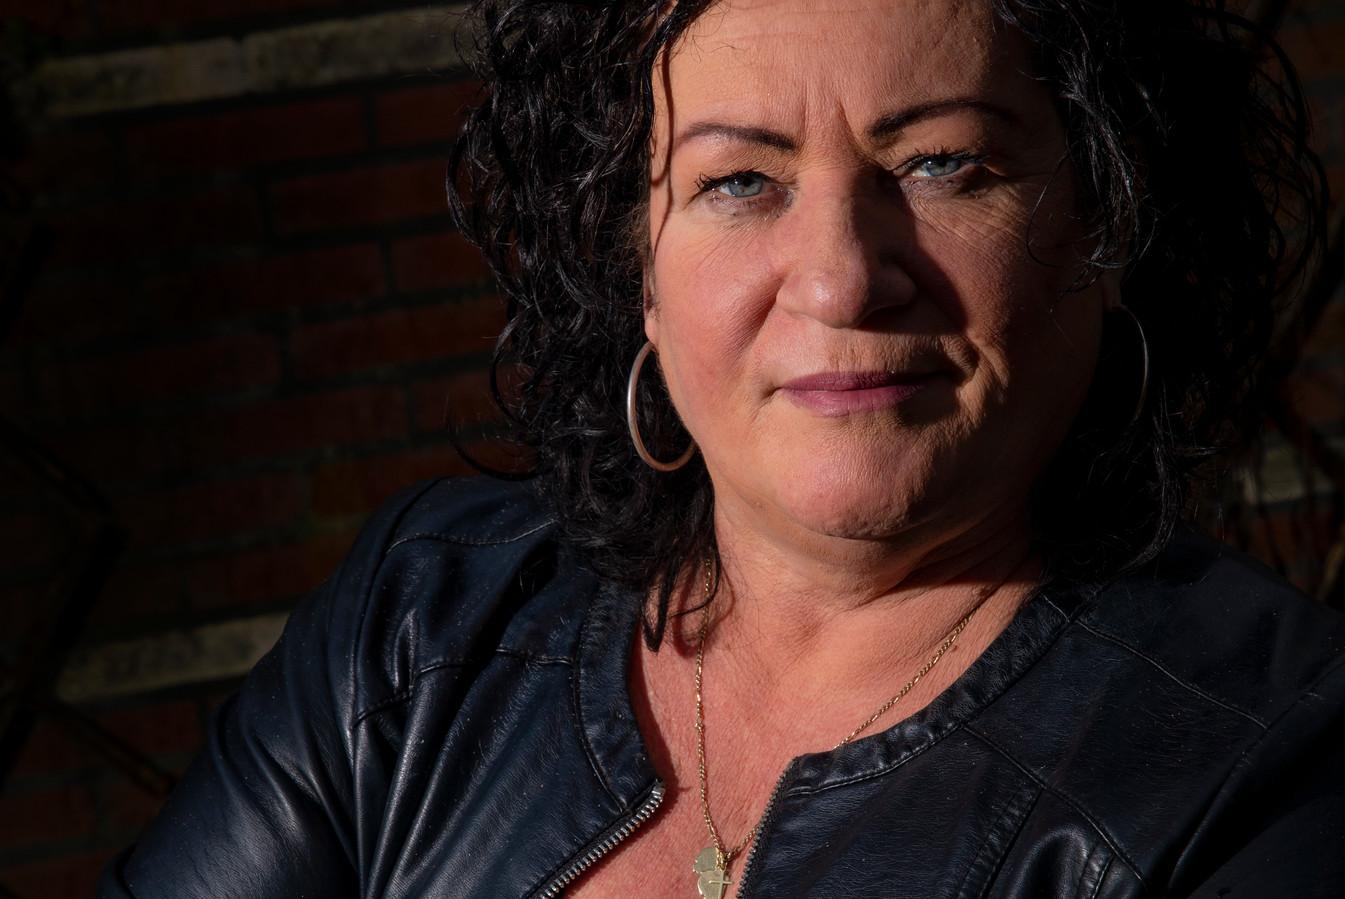 Caroline van der Plas, mede-oprichter van de nieuwe 'boerenpartij' BoerBurgerBeweging. Ze heeft, zoals ze zegt, een bizar jaar achter de rug.